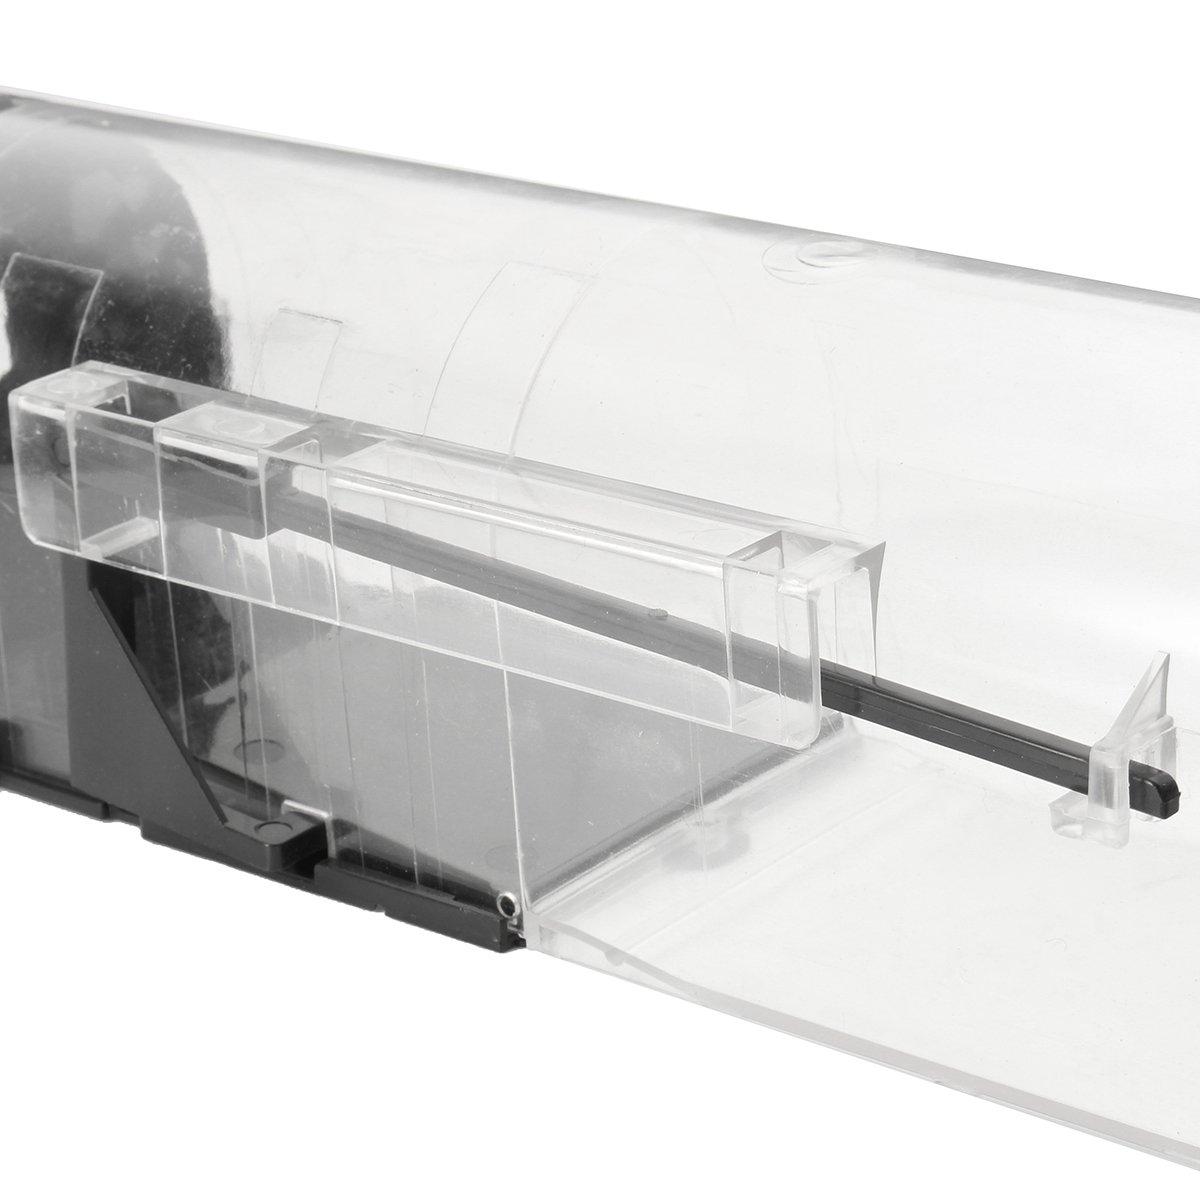 SAFETYON Automatic Lock Mousetrap, Rat Hole Plastic Mice Cage Agile Pedal Trap Pest Control Mouse Trap Live Catch